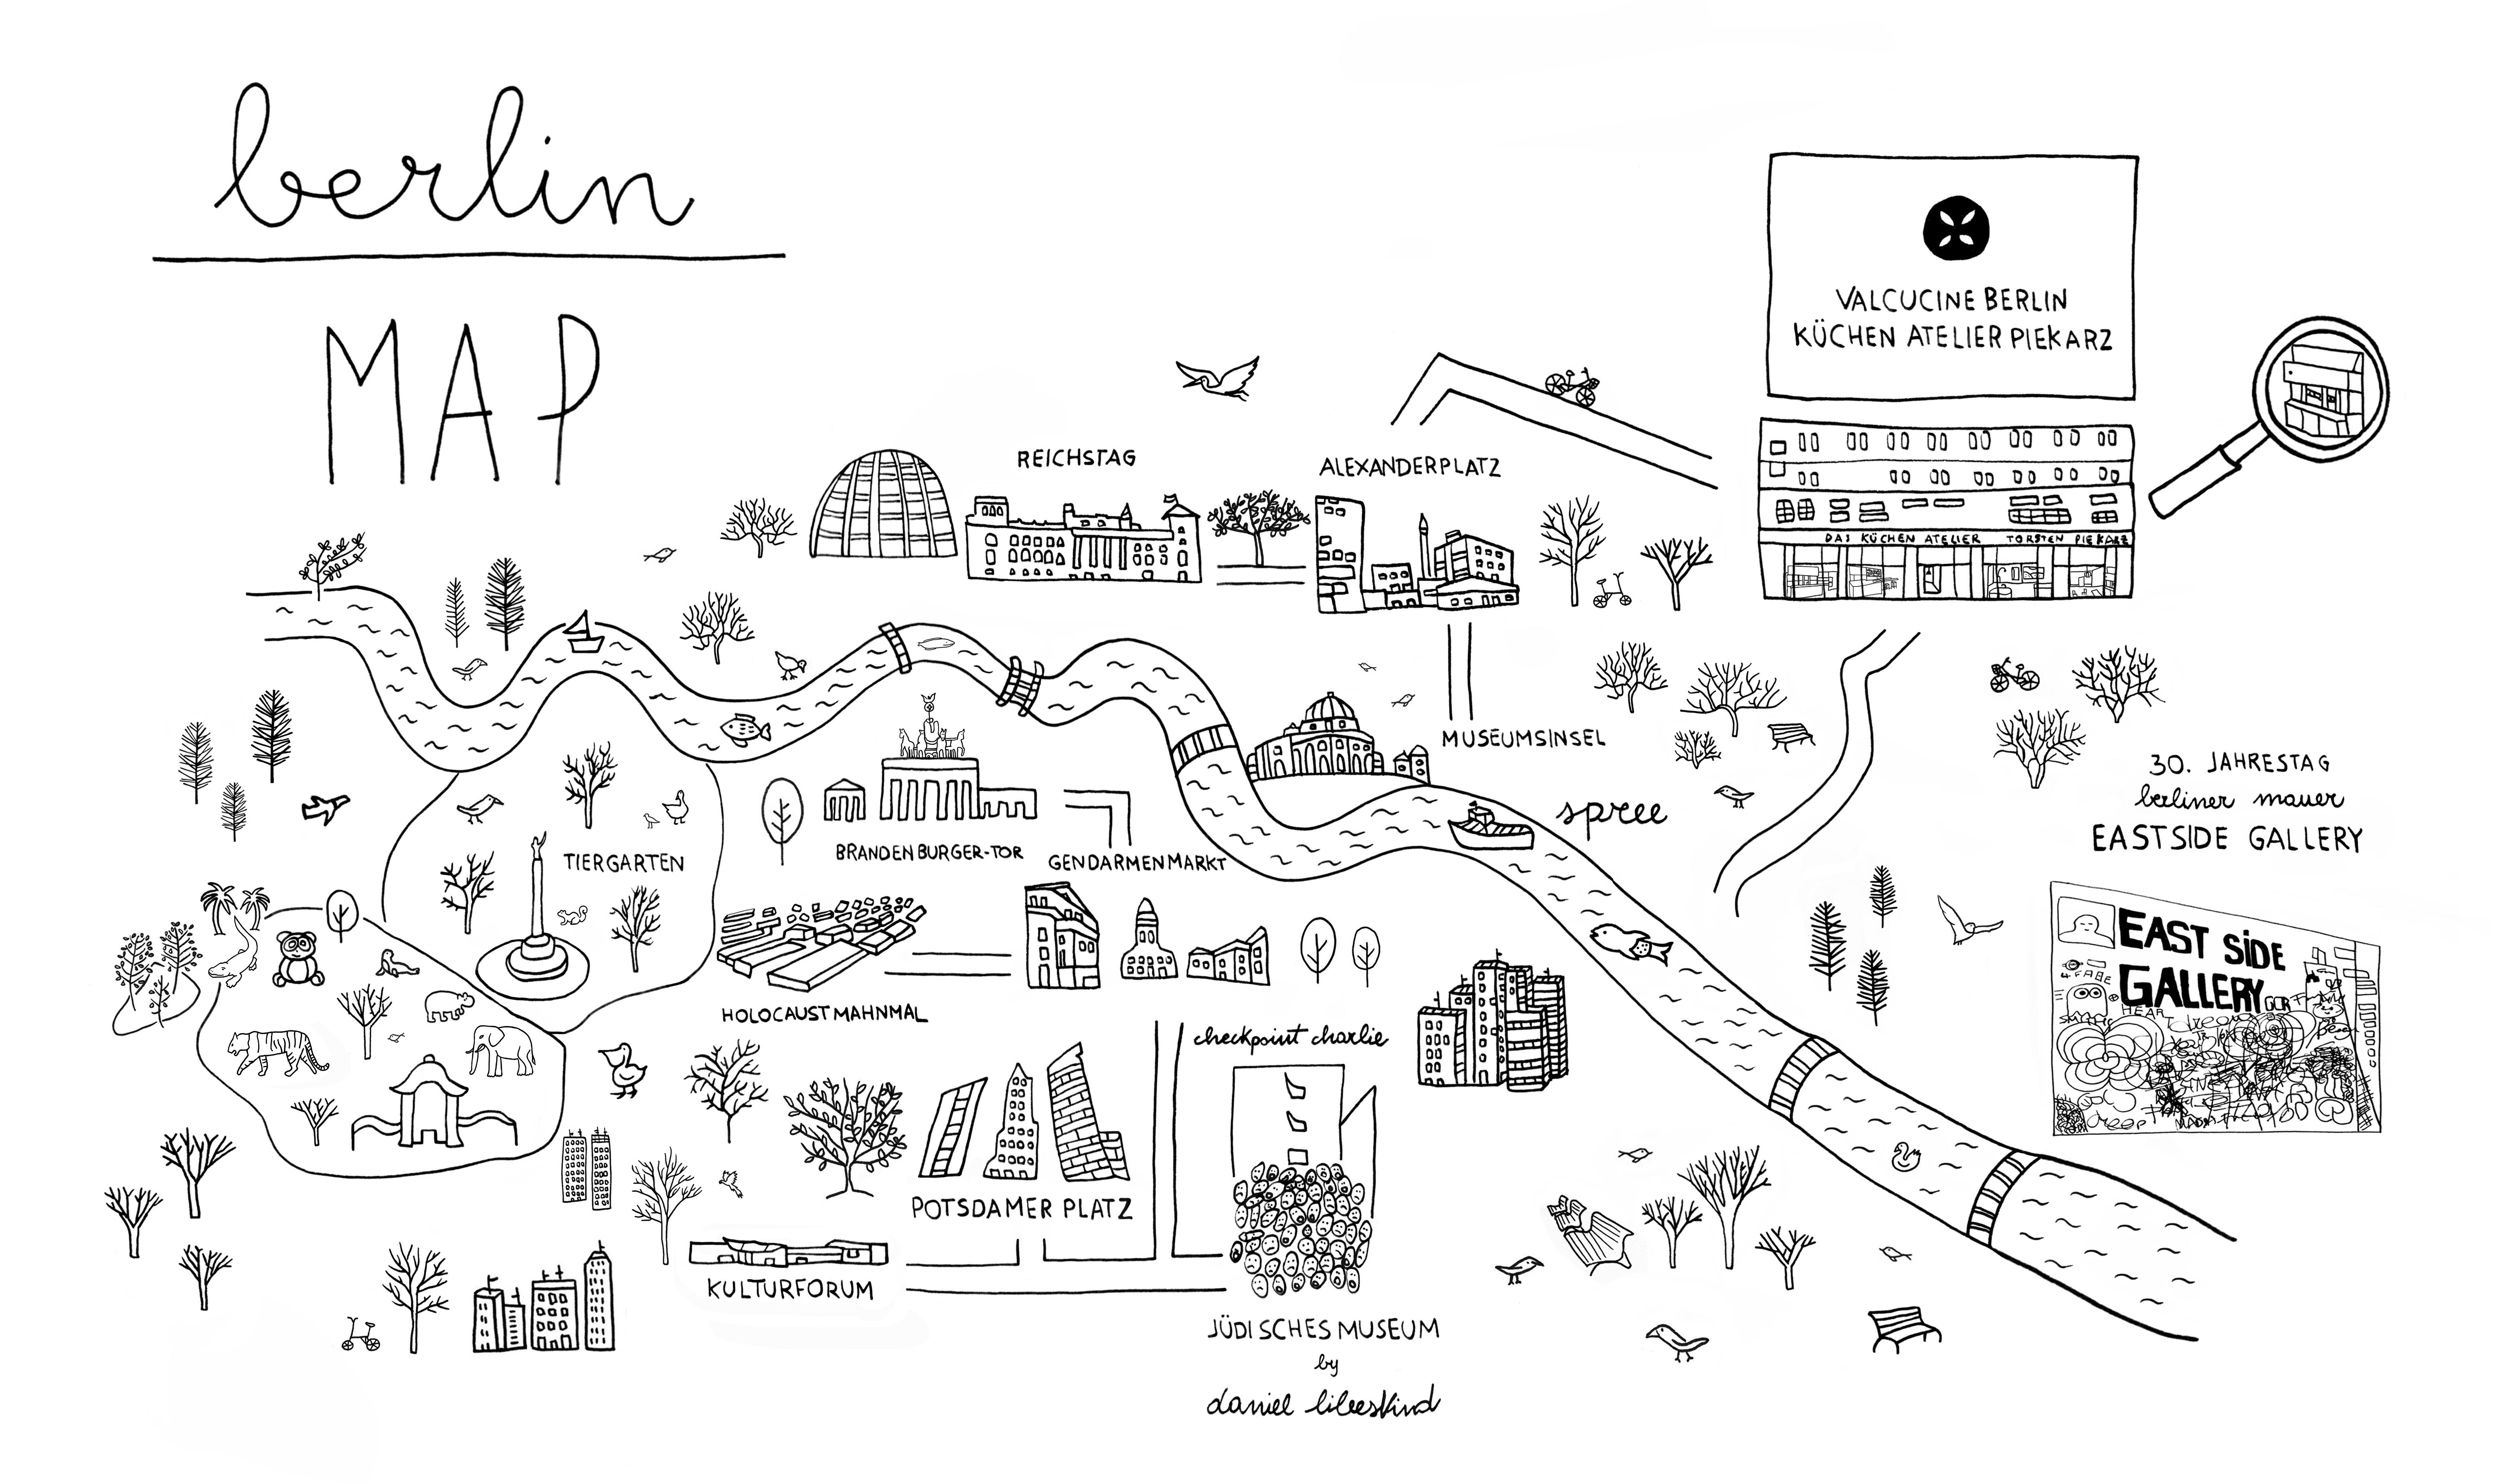 VALCUCINE BERLIN MAP